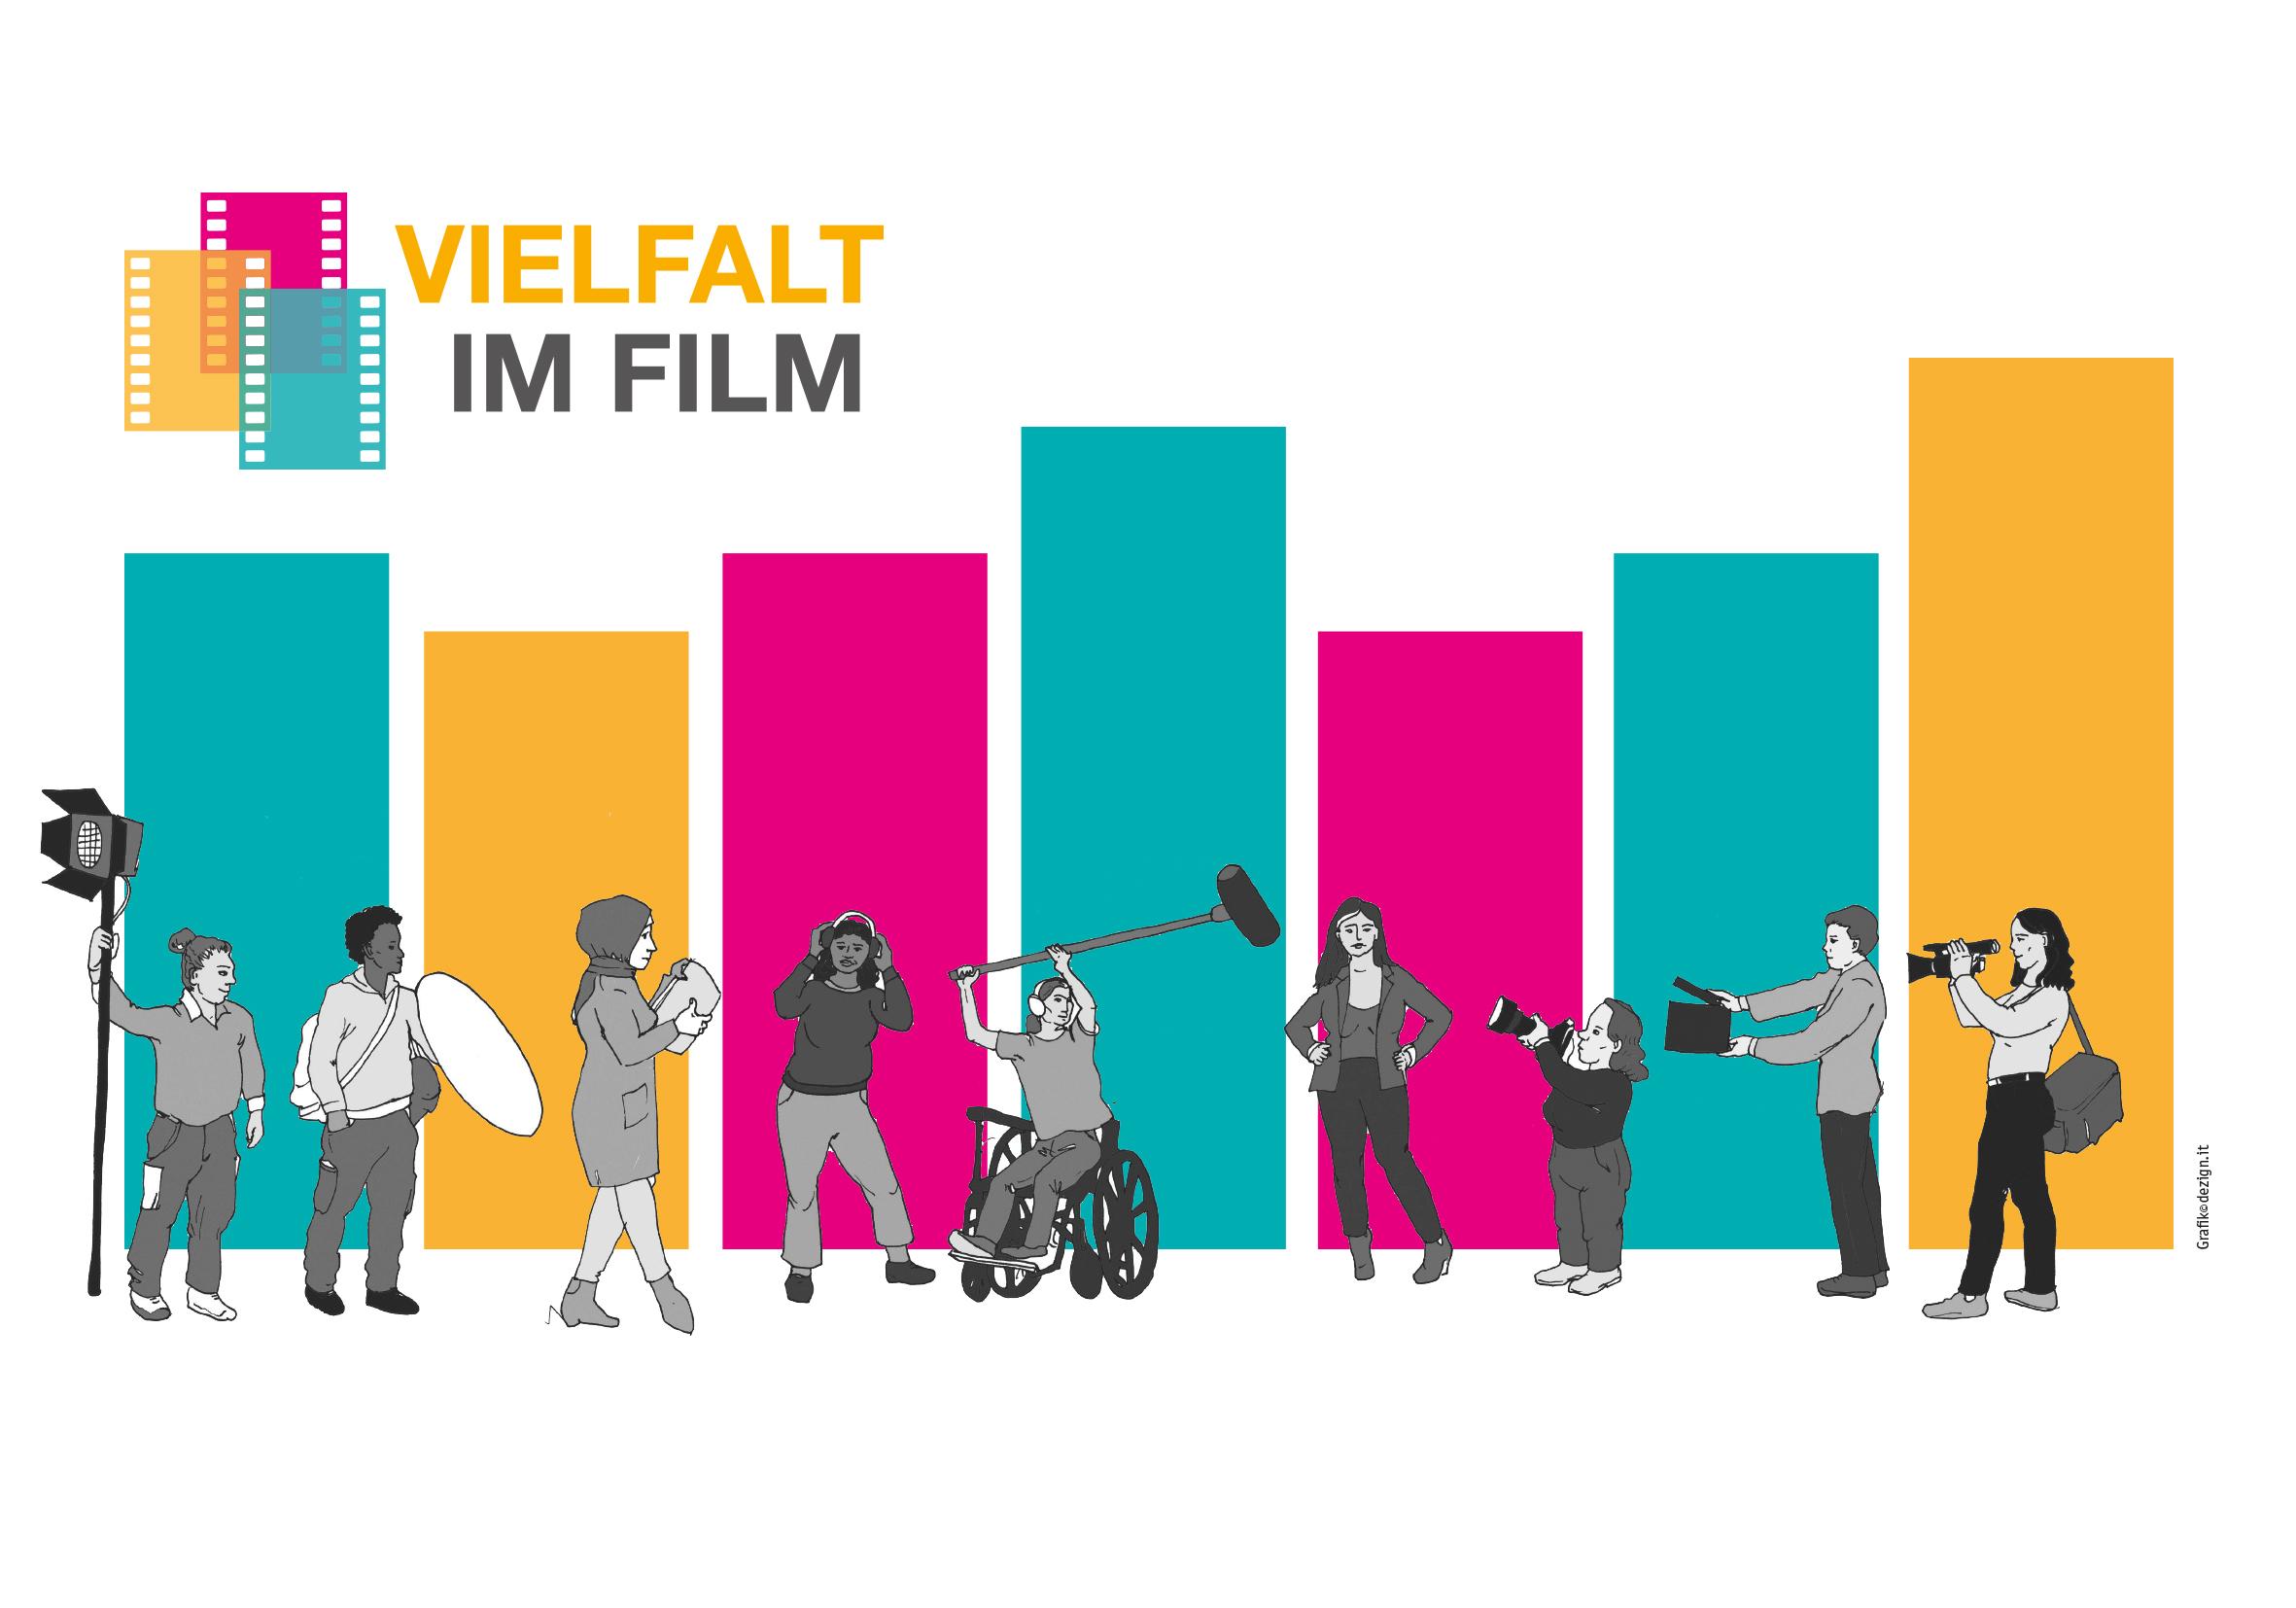 Vielfalt im Film_Marcus Mazzoni